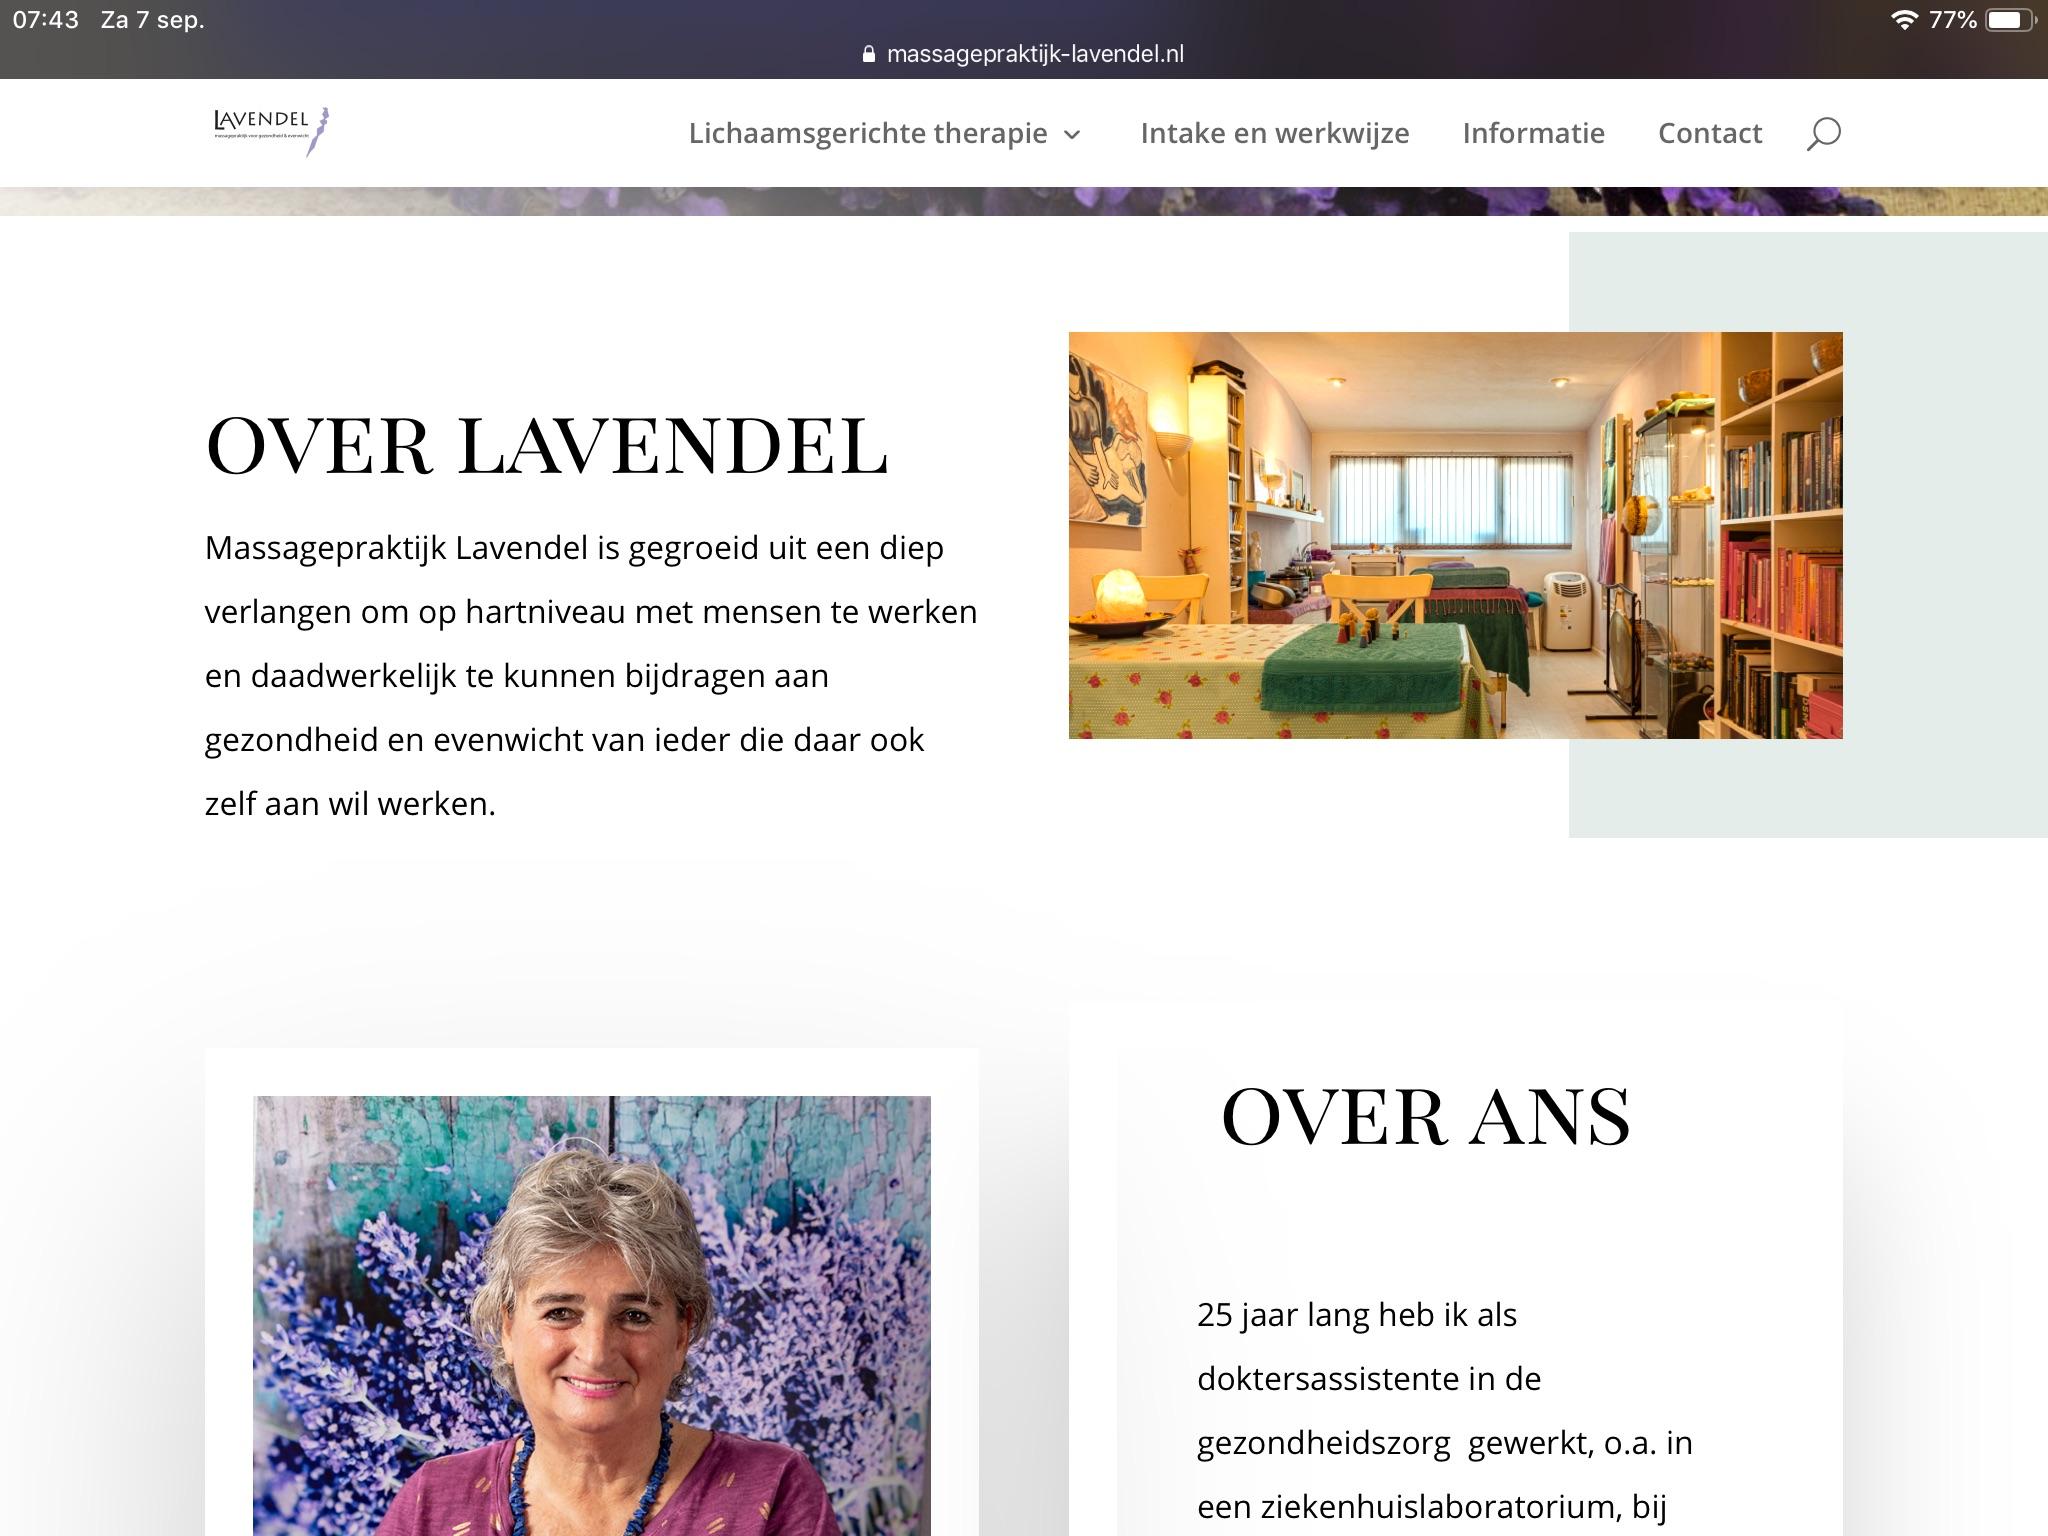 Massagepraktijk Lavendel